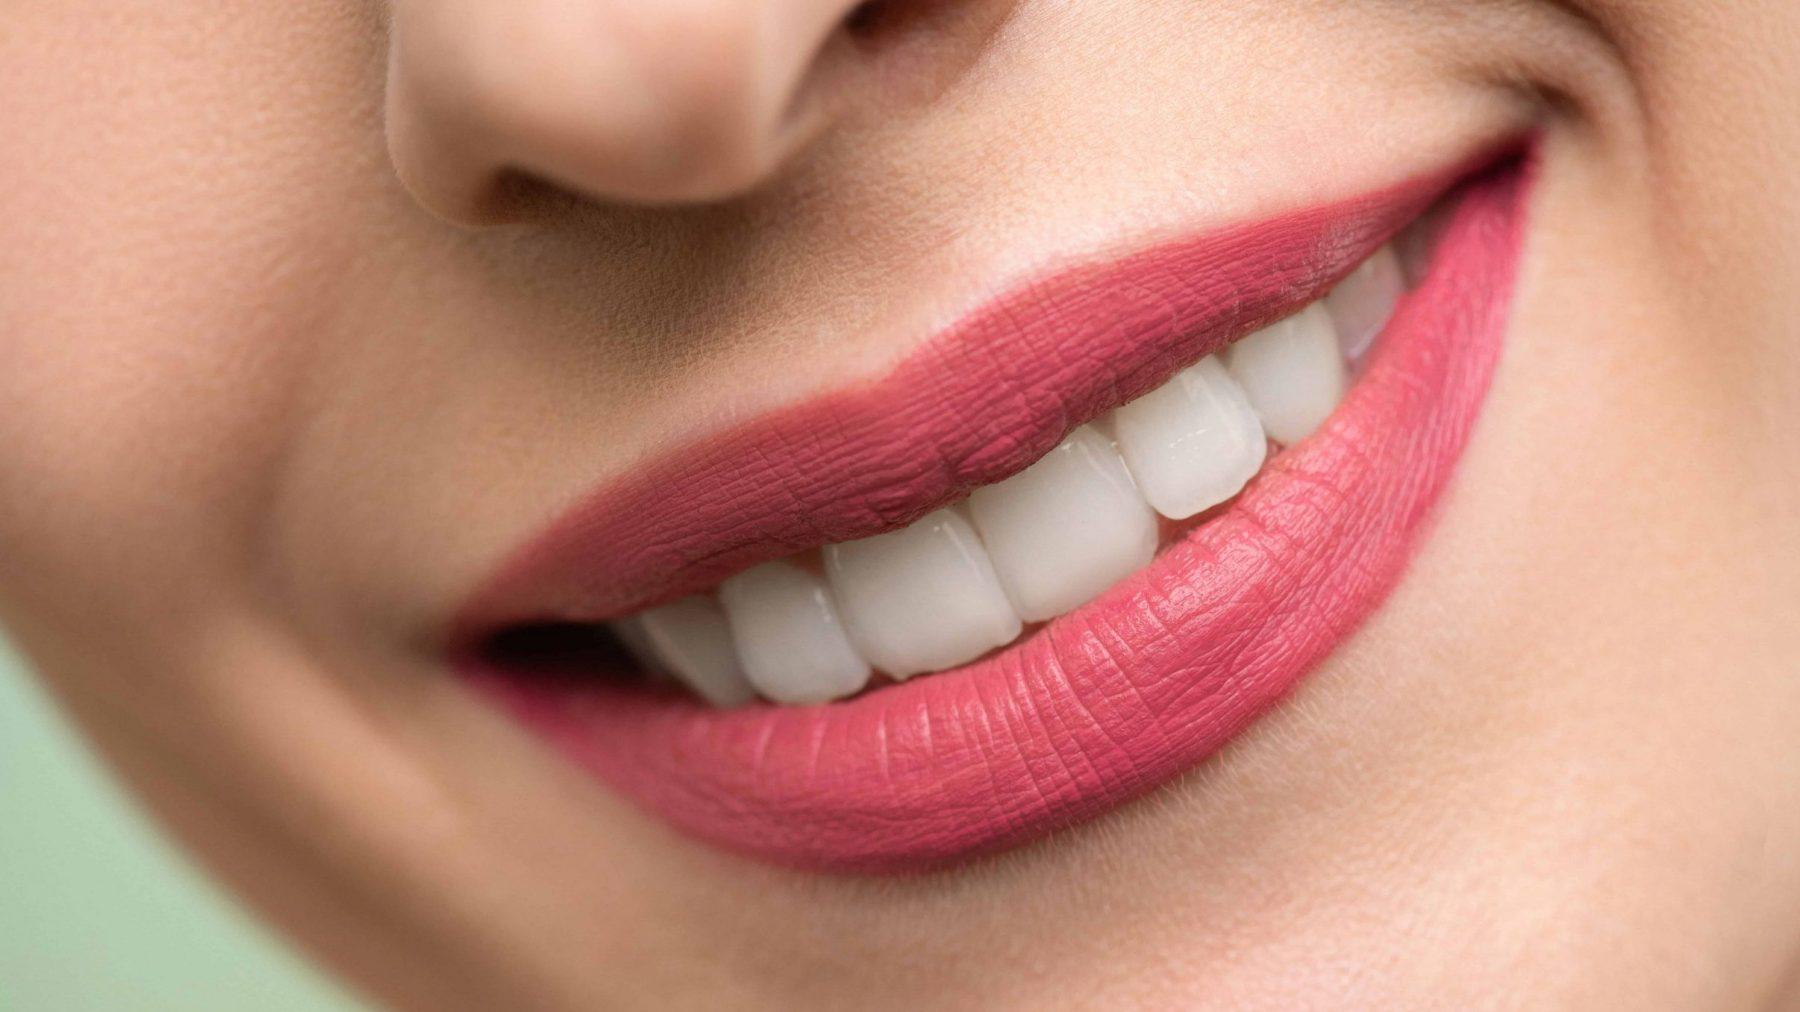 tanden gebit tandjes